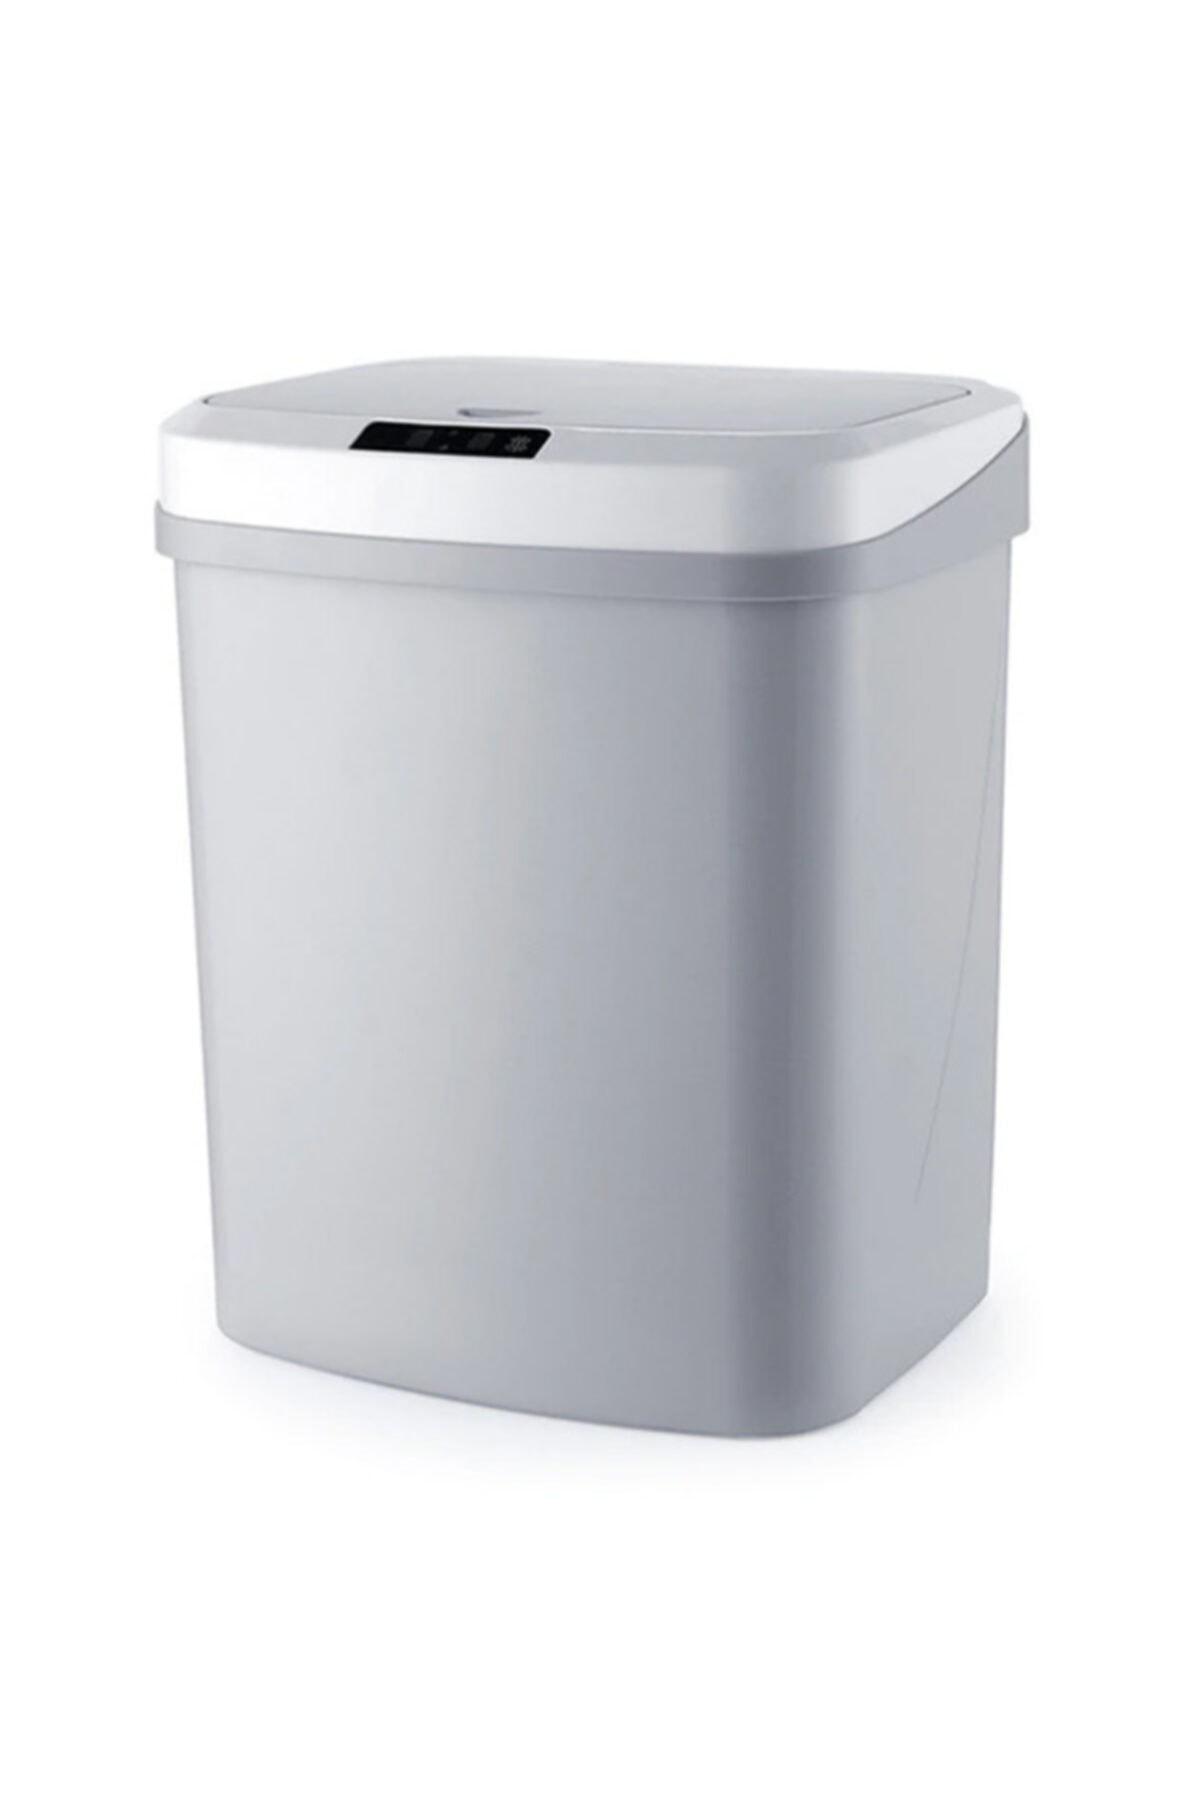 EZERE 16l Akıllı Çöp Kutusu Otomatik Sensörlu Çop Tenekesi Çöp Kovası  Fiyatı, Yorumları - TRENDYOL